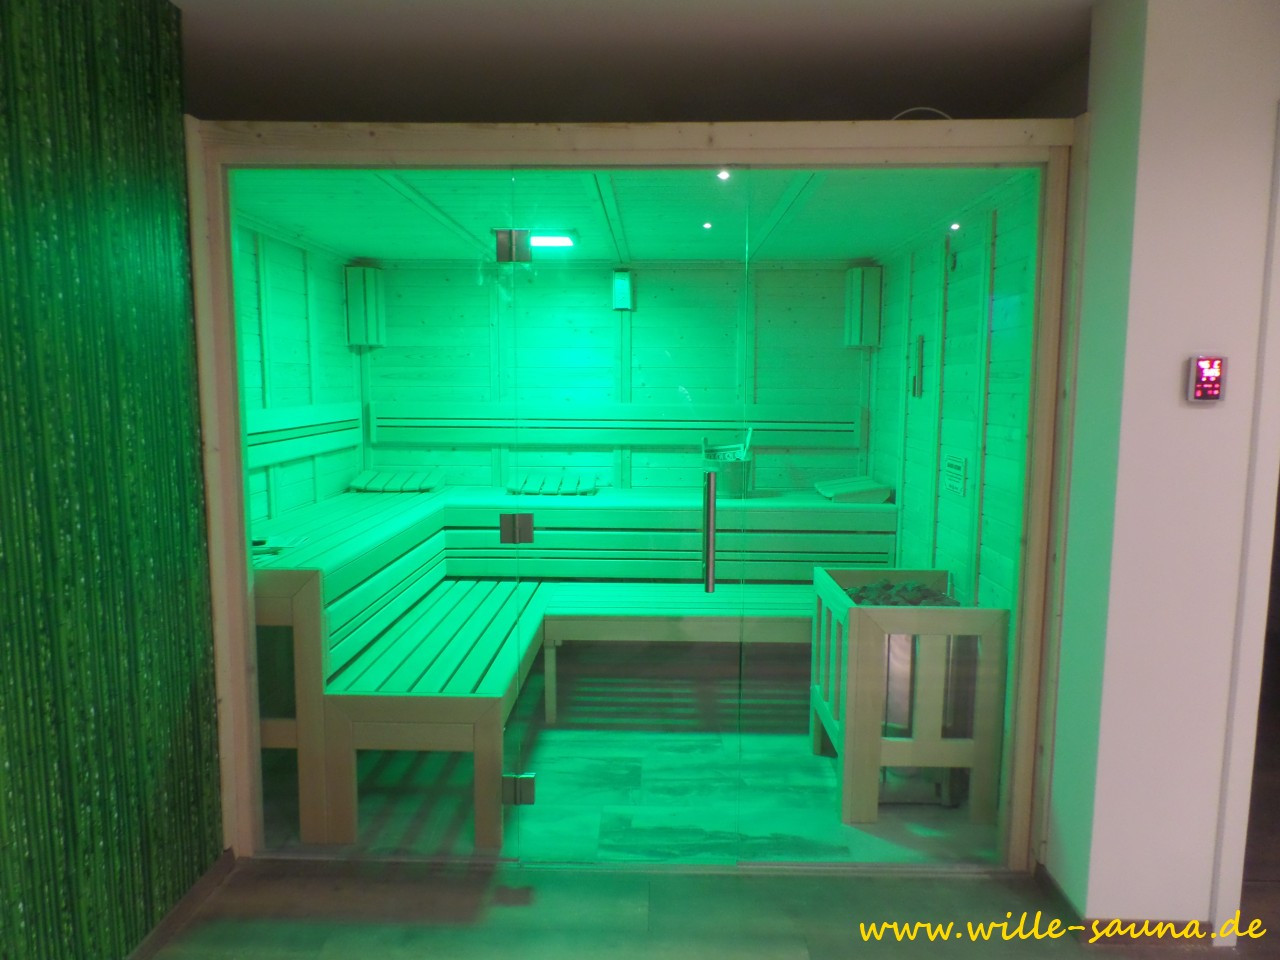 Designsauna mit grünem LED-Licht beleuchtet. Verschiedene LED- Farbkombinationen möglich